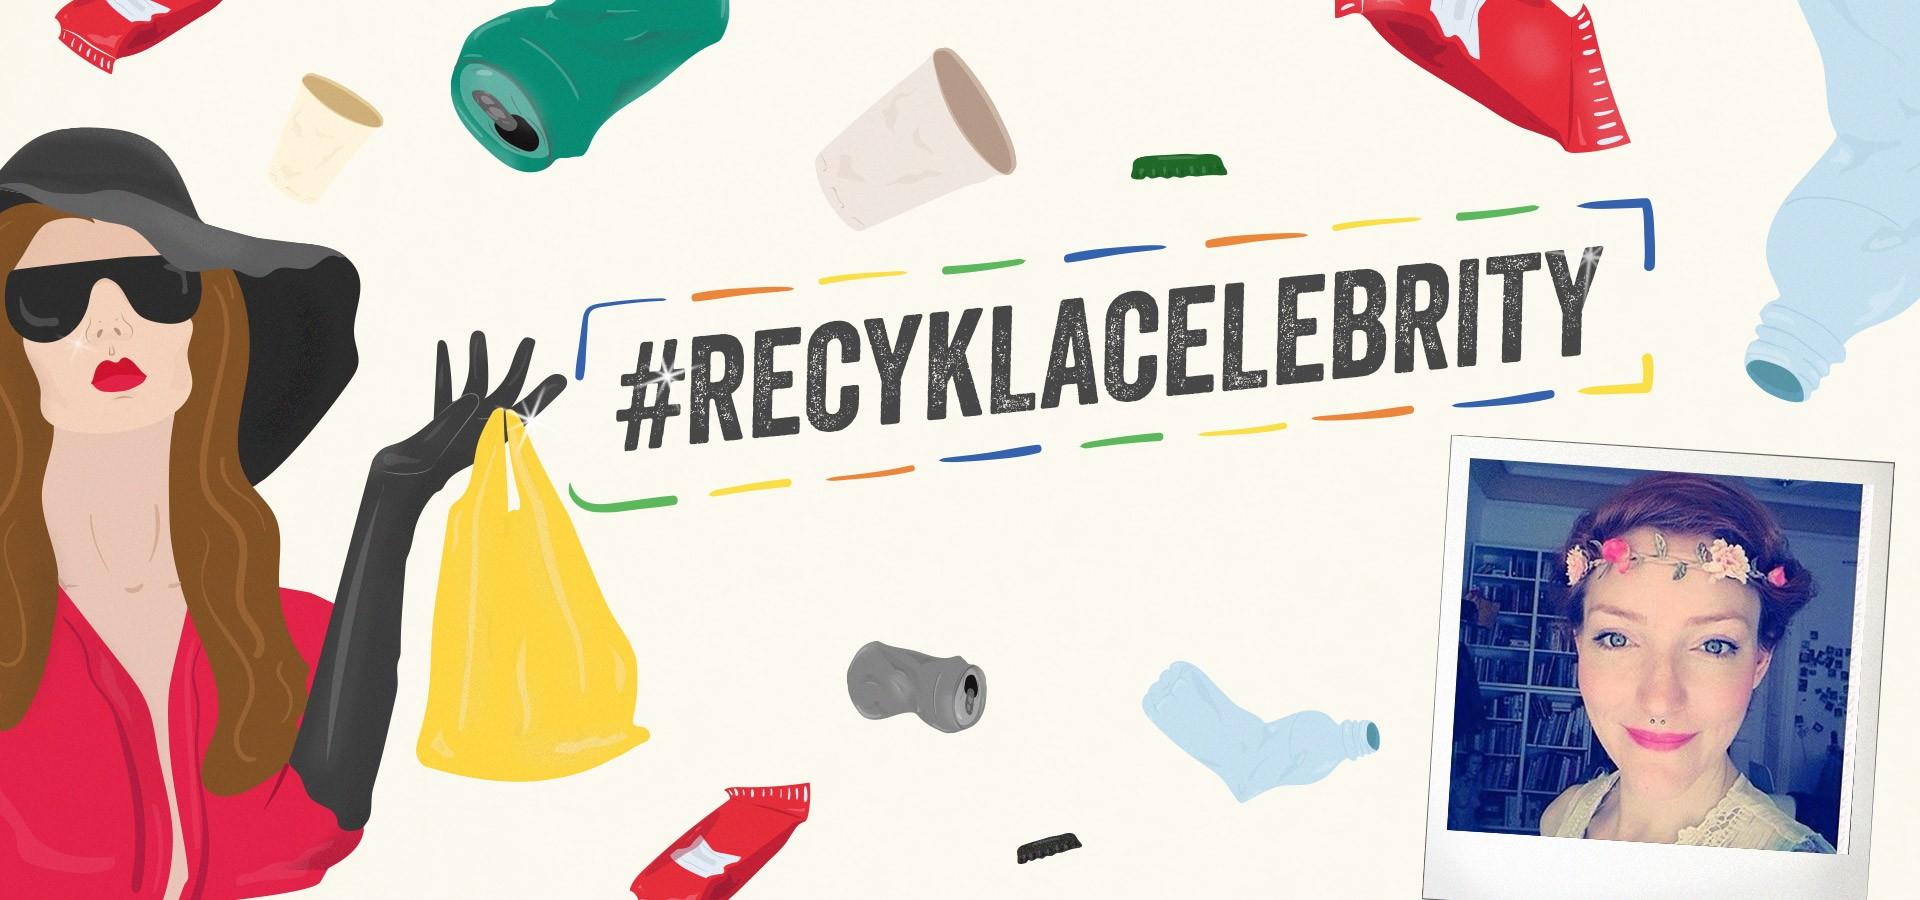 kure_v_podvazkach_recyklacelebrity_trideni_odpadu_recyklace